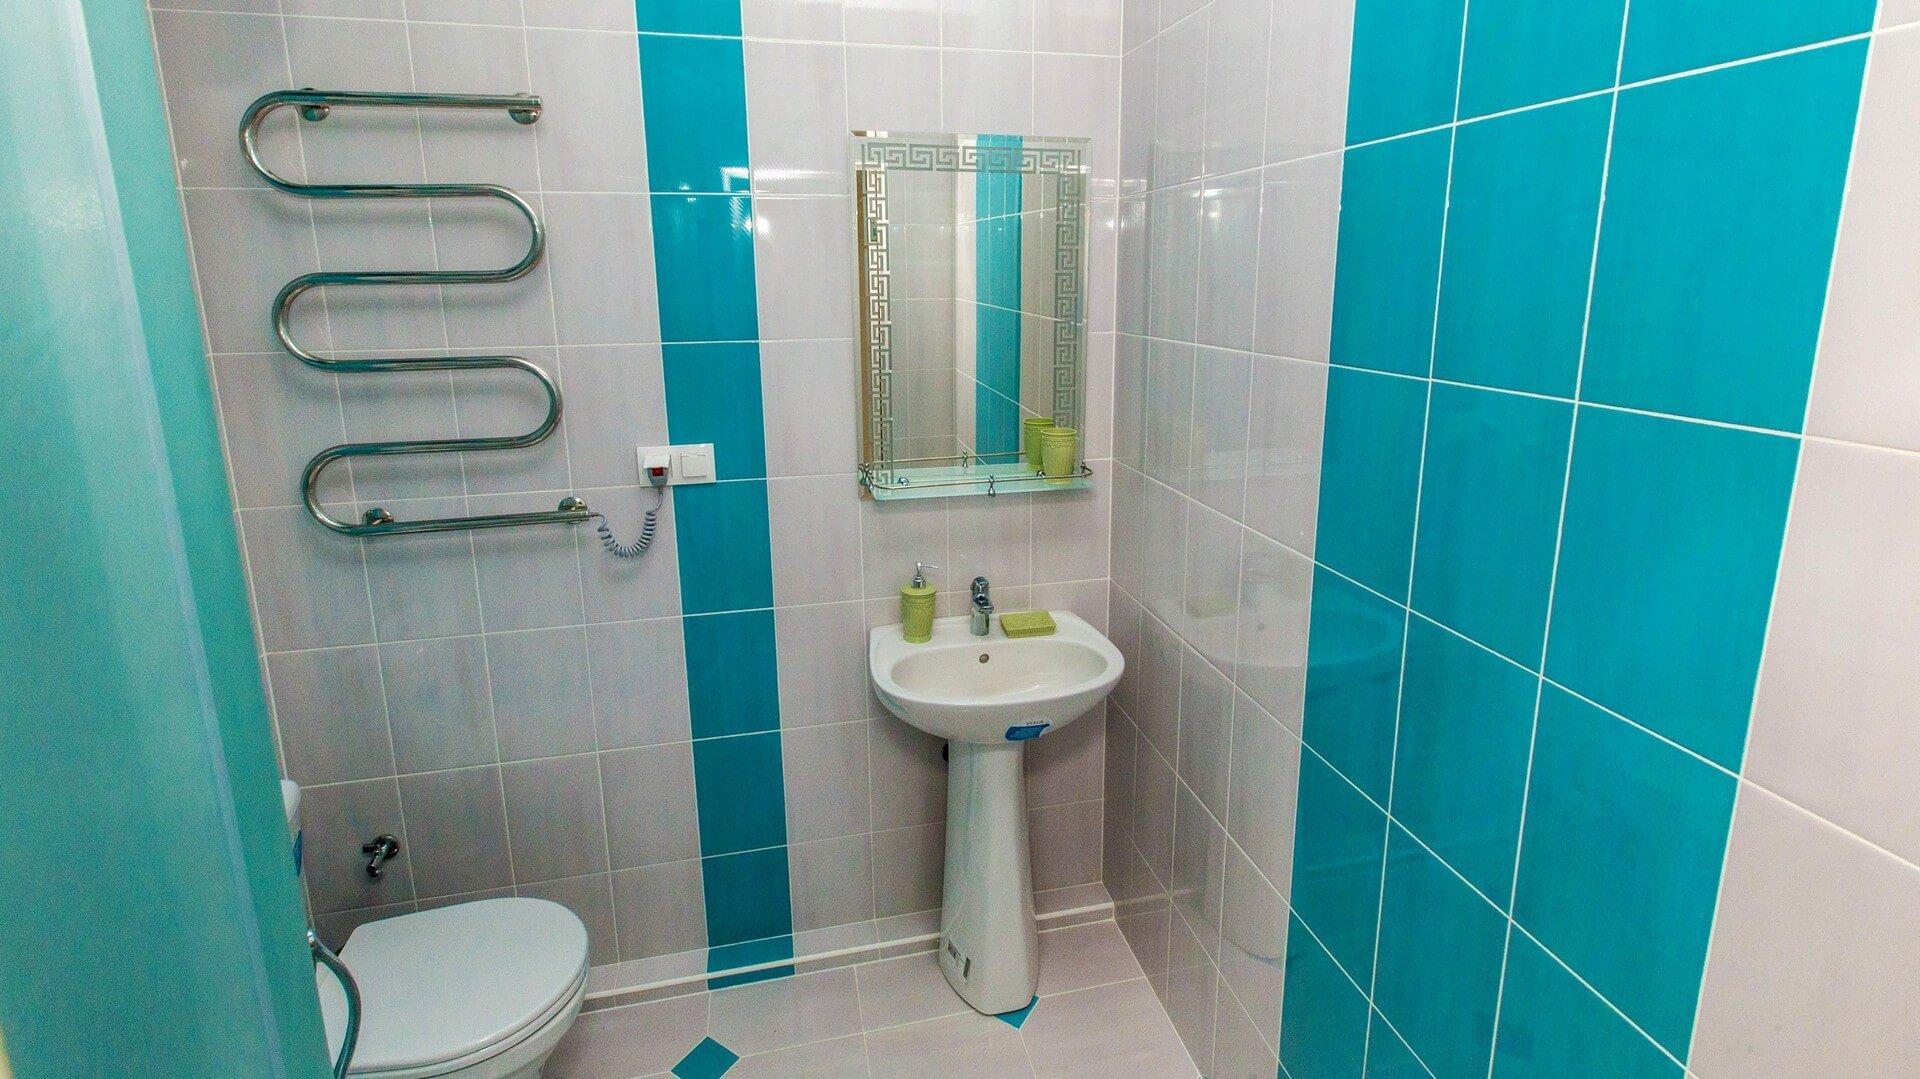 Апартаменты на берегу с самой чистой водой - image Apartamenty-na-beregu-s-samoj-chistoj-vodoj-4 on http://bizneskvartal.ru